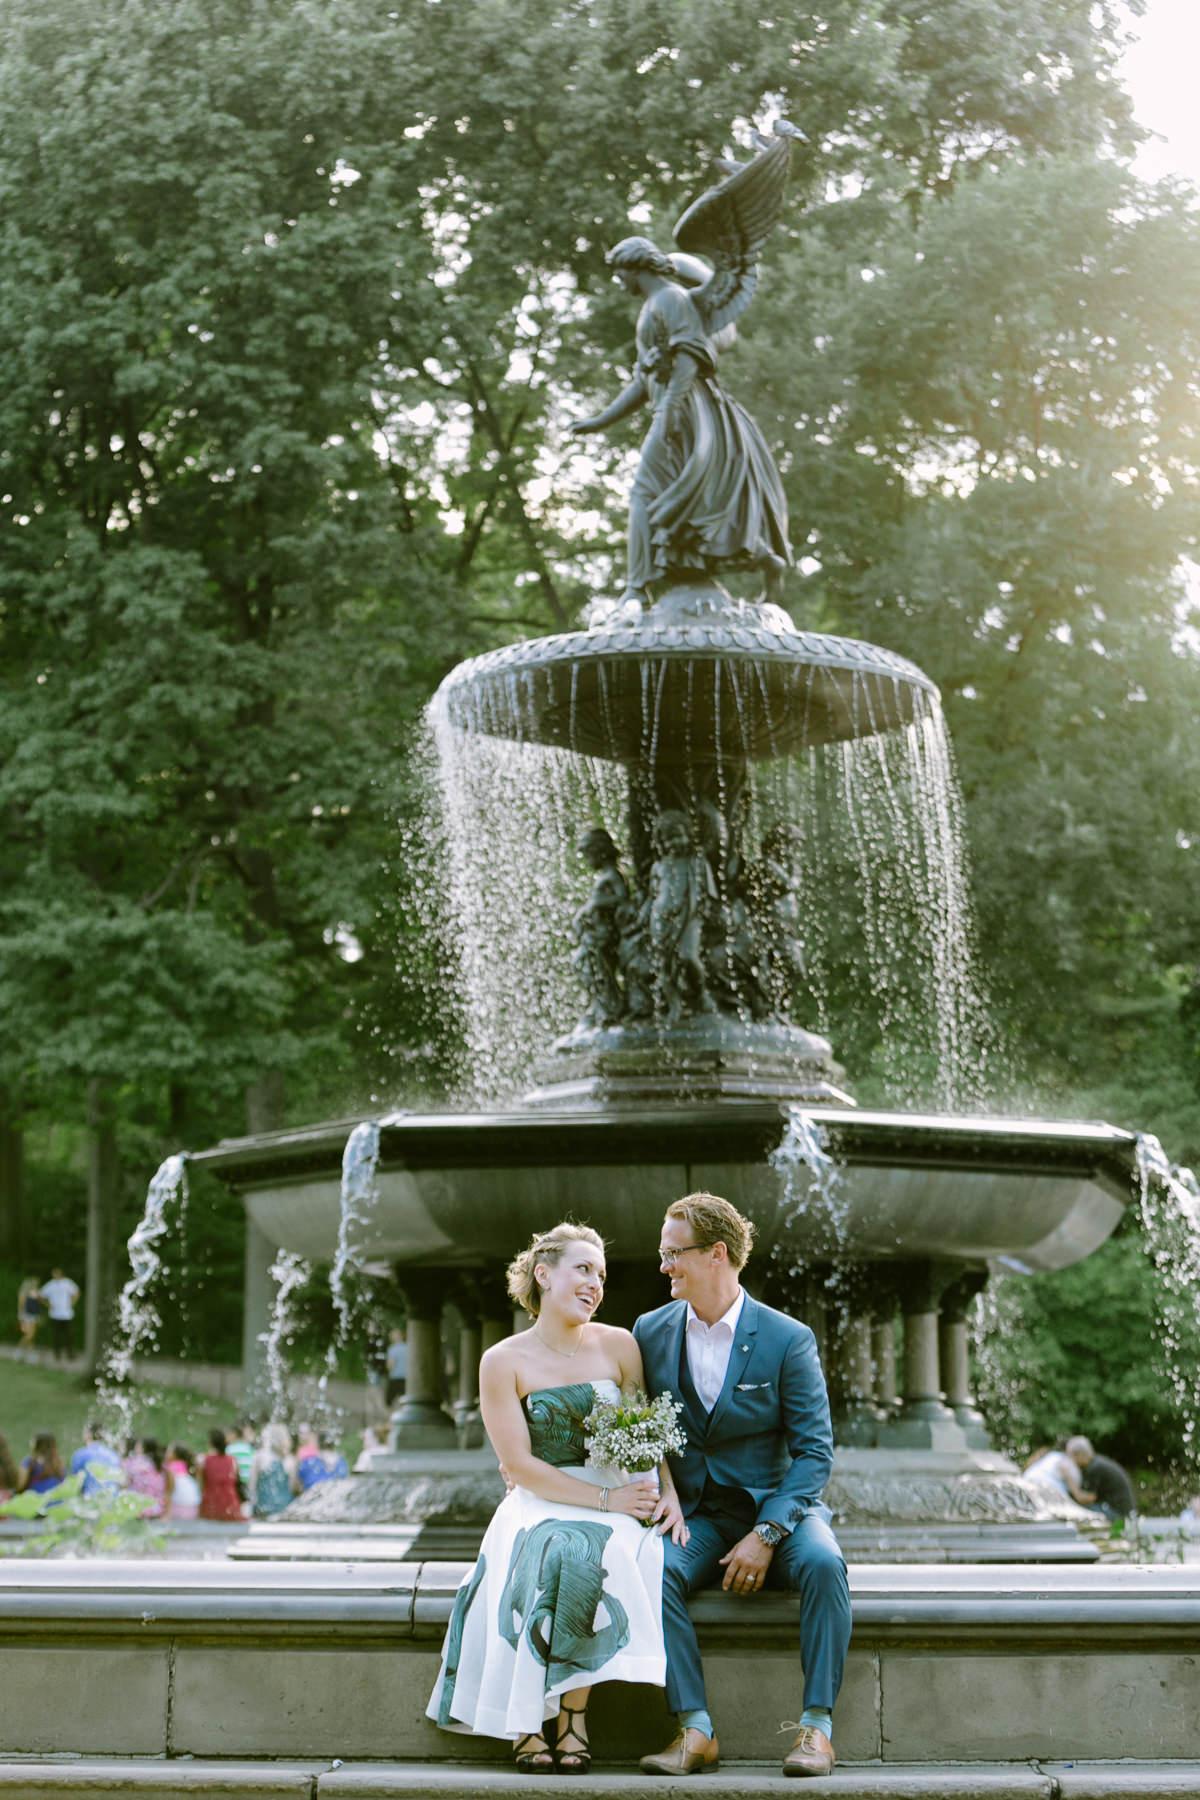 NYC-engagement-photography-by-Tanya-Isaeva-79.jpg